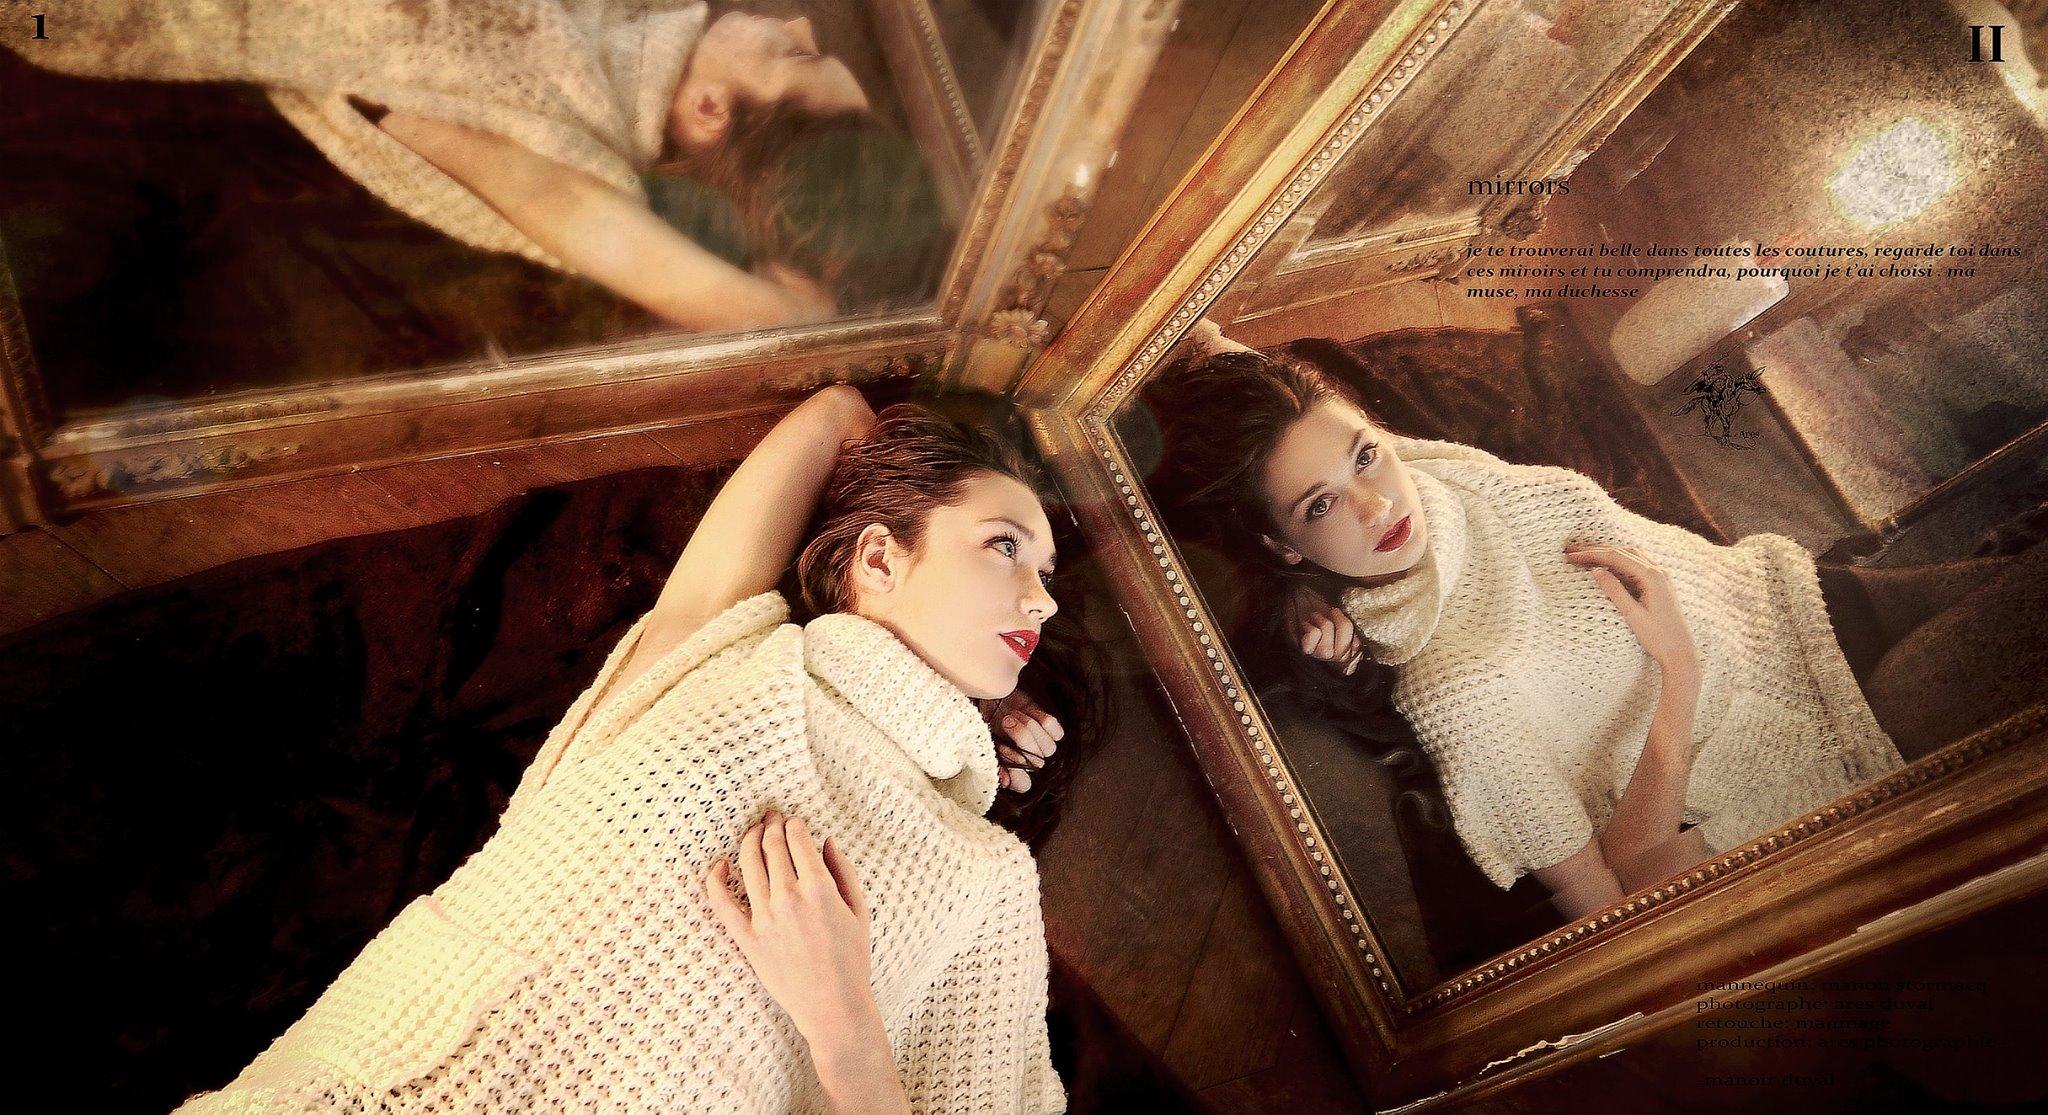 Mirrors thème artistique par Ares Duval